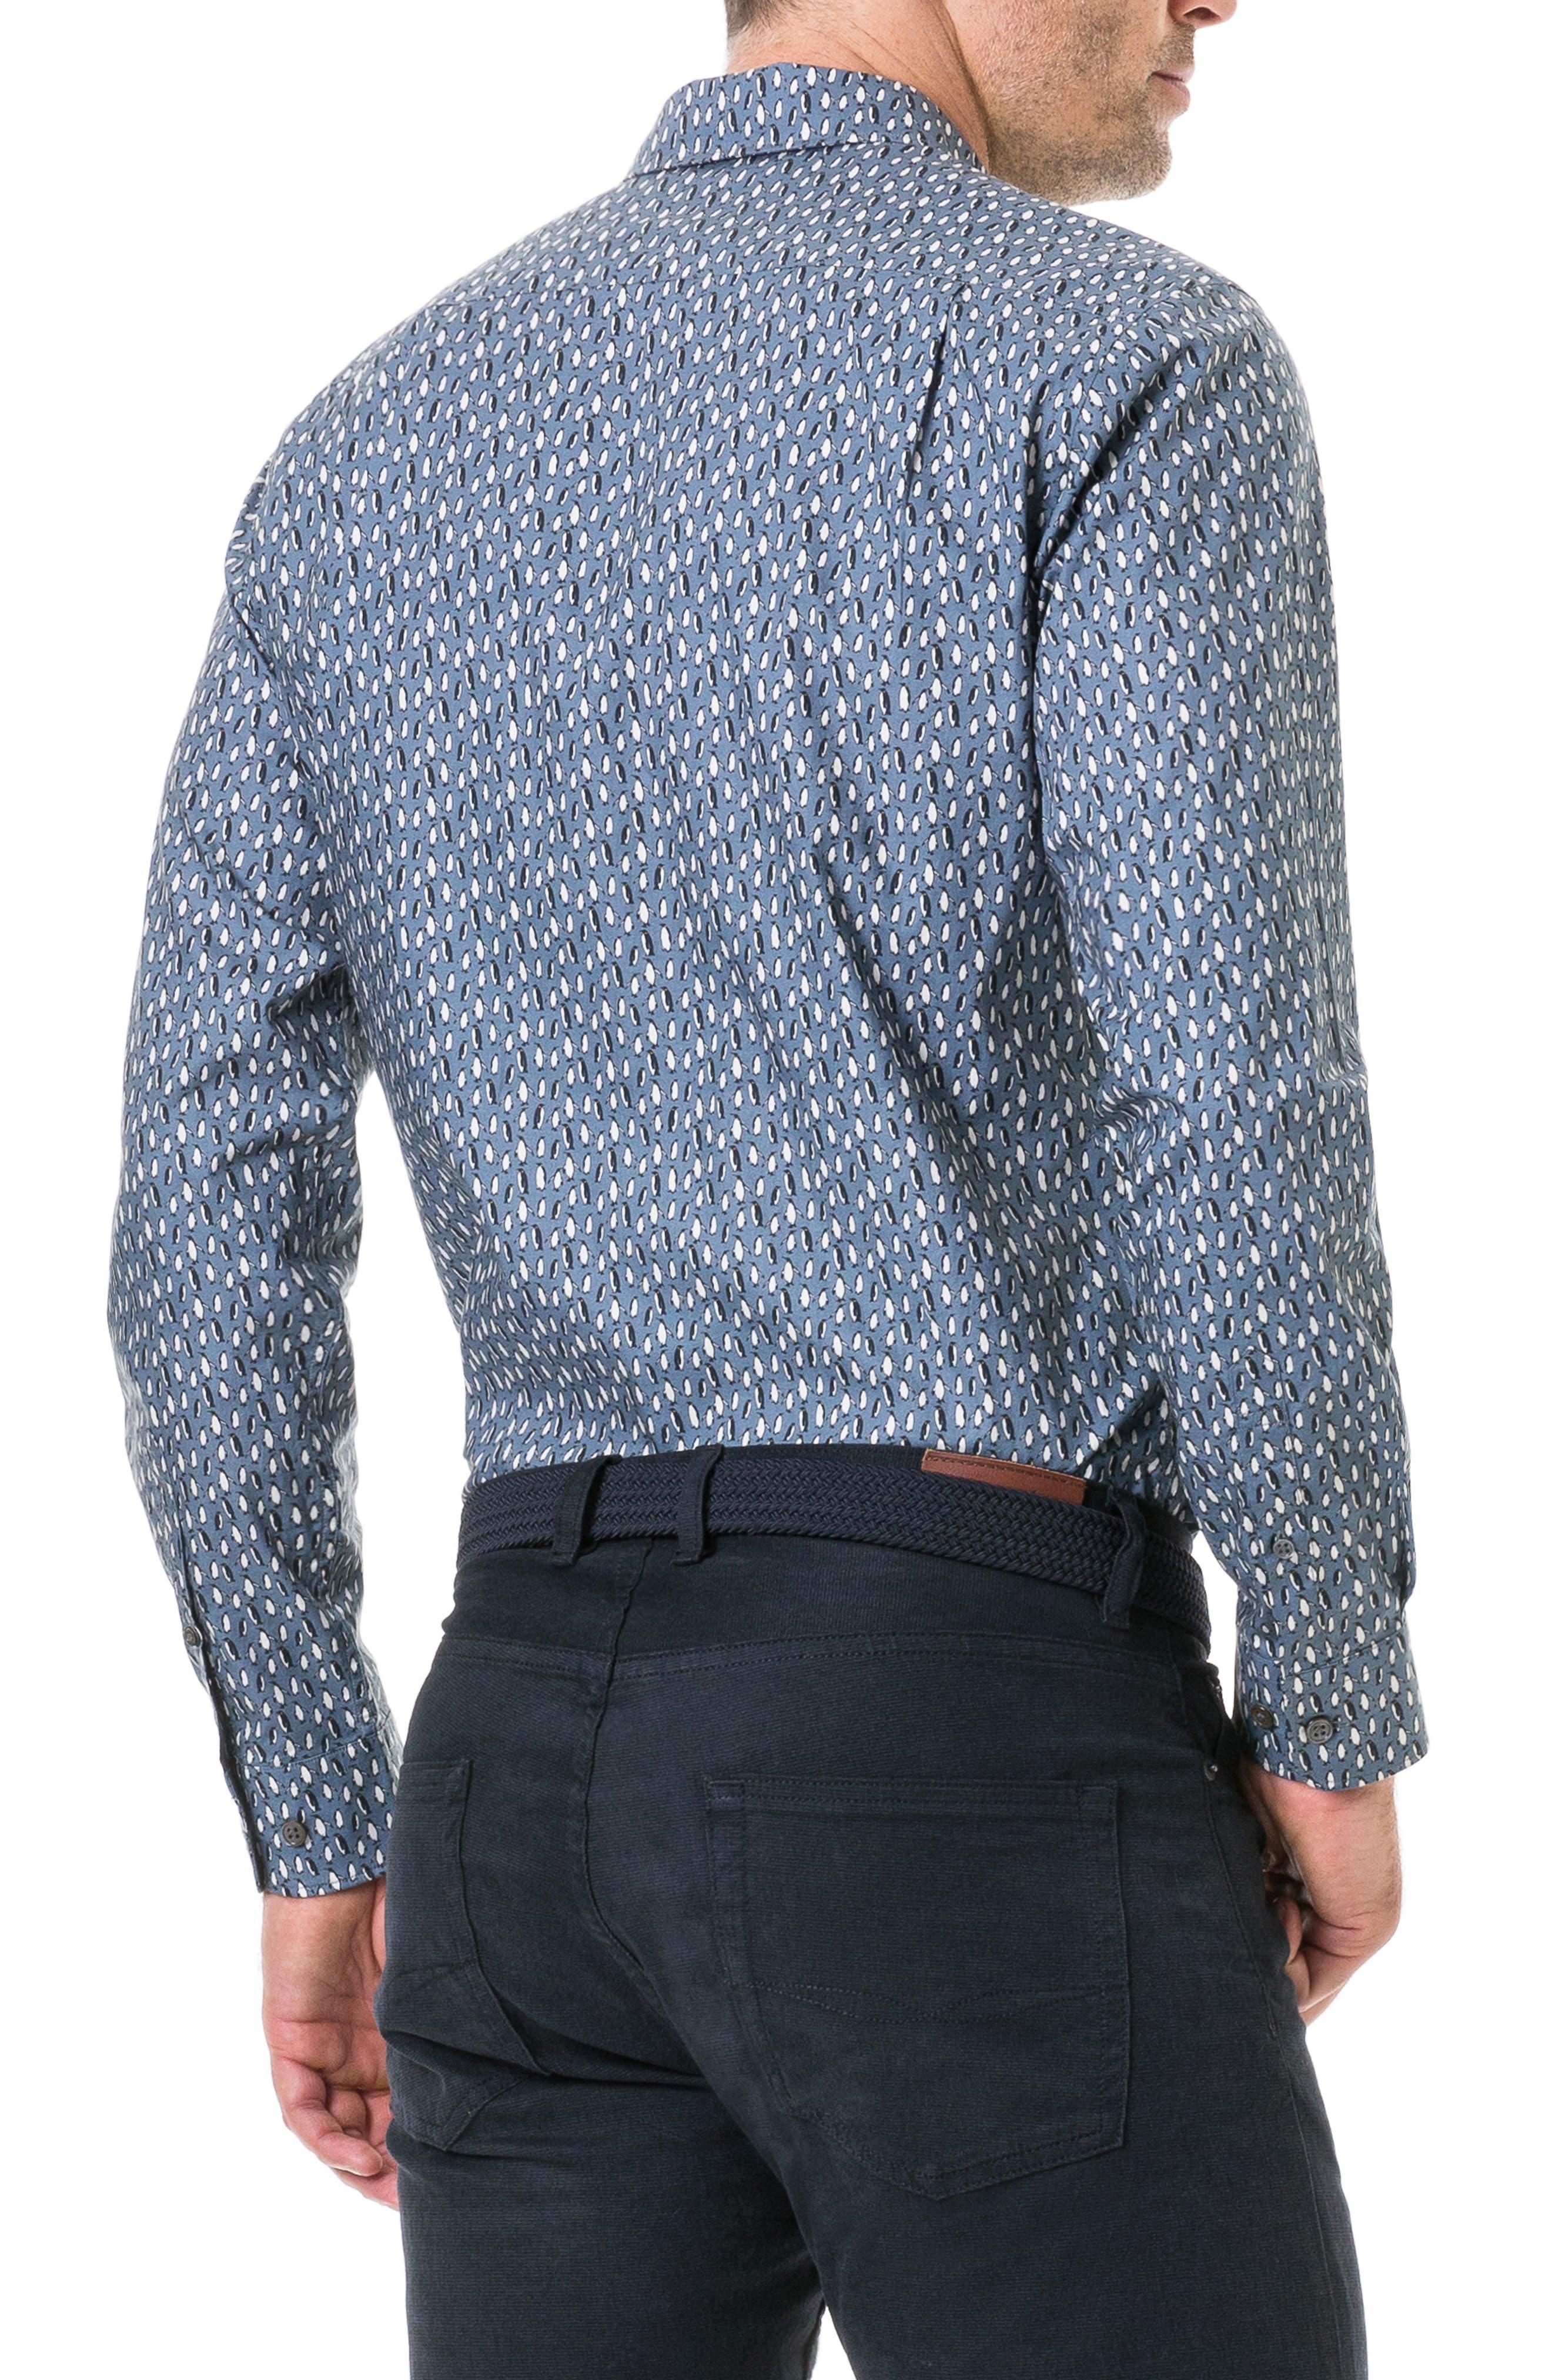 Chappel West Regular Fit Penguin Print Sport Shirt,                             Alternate thumbnail 3, color,                             BLUE GRAPHITE